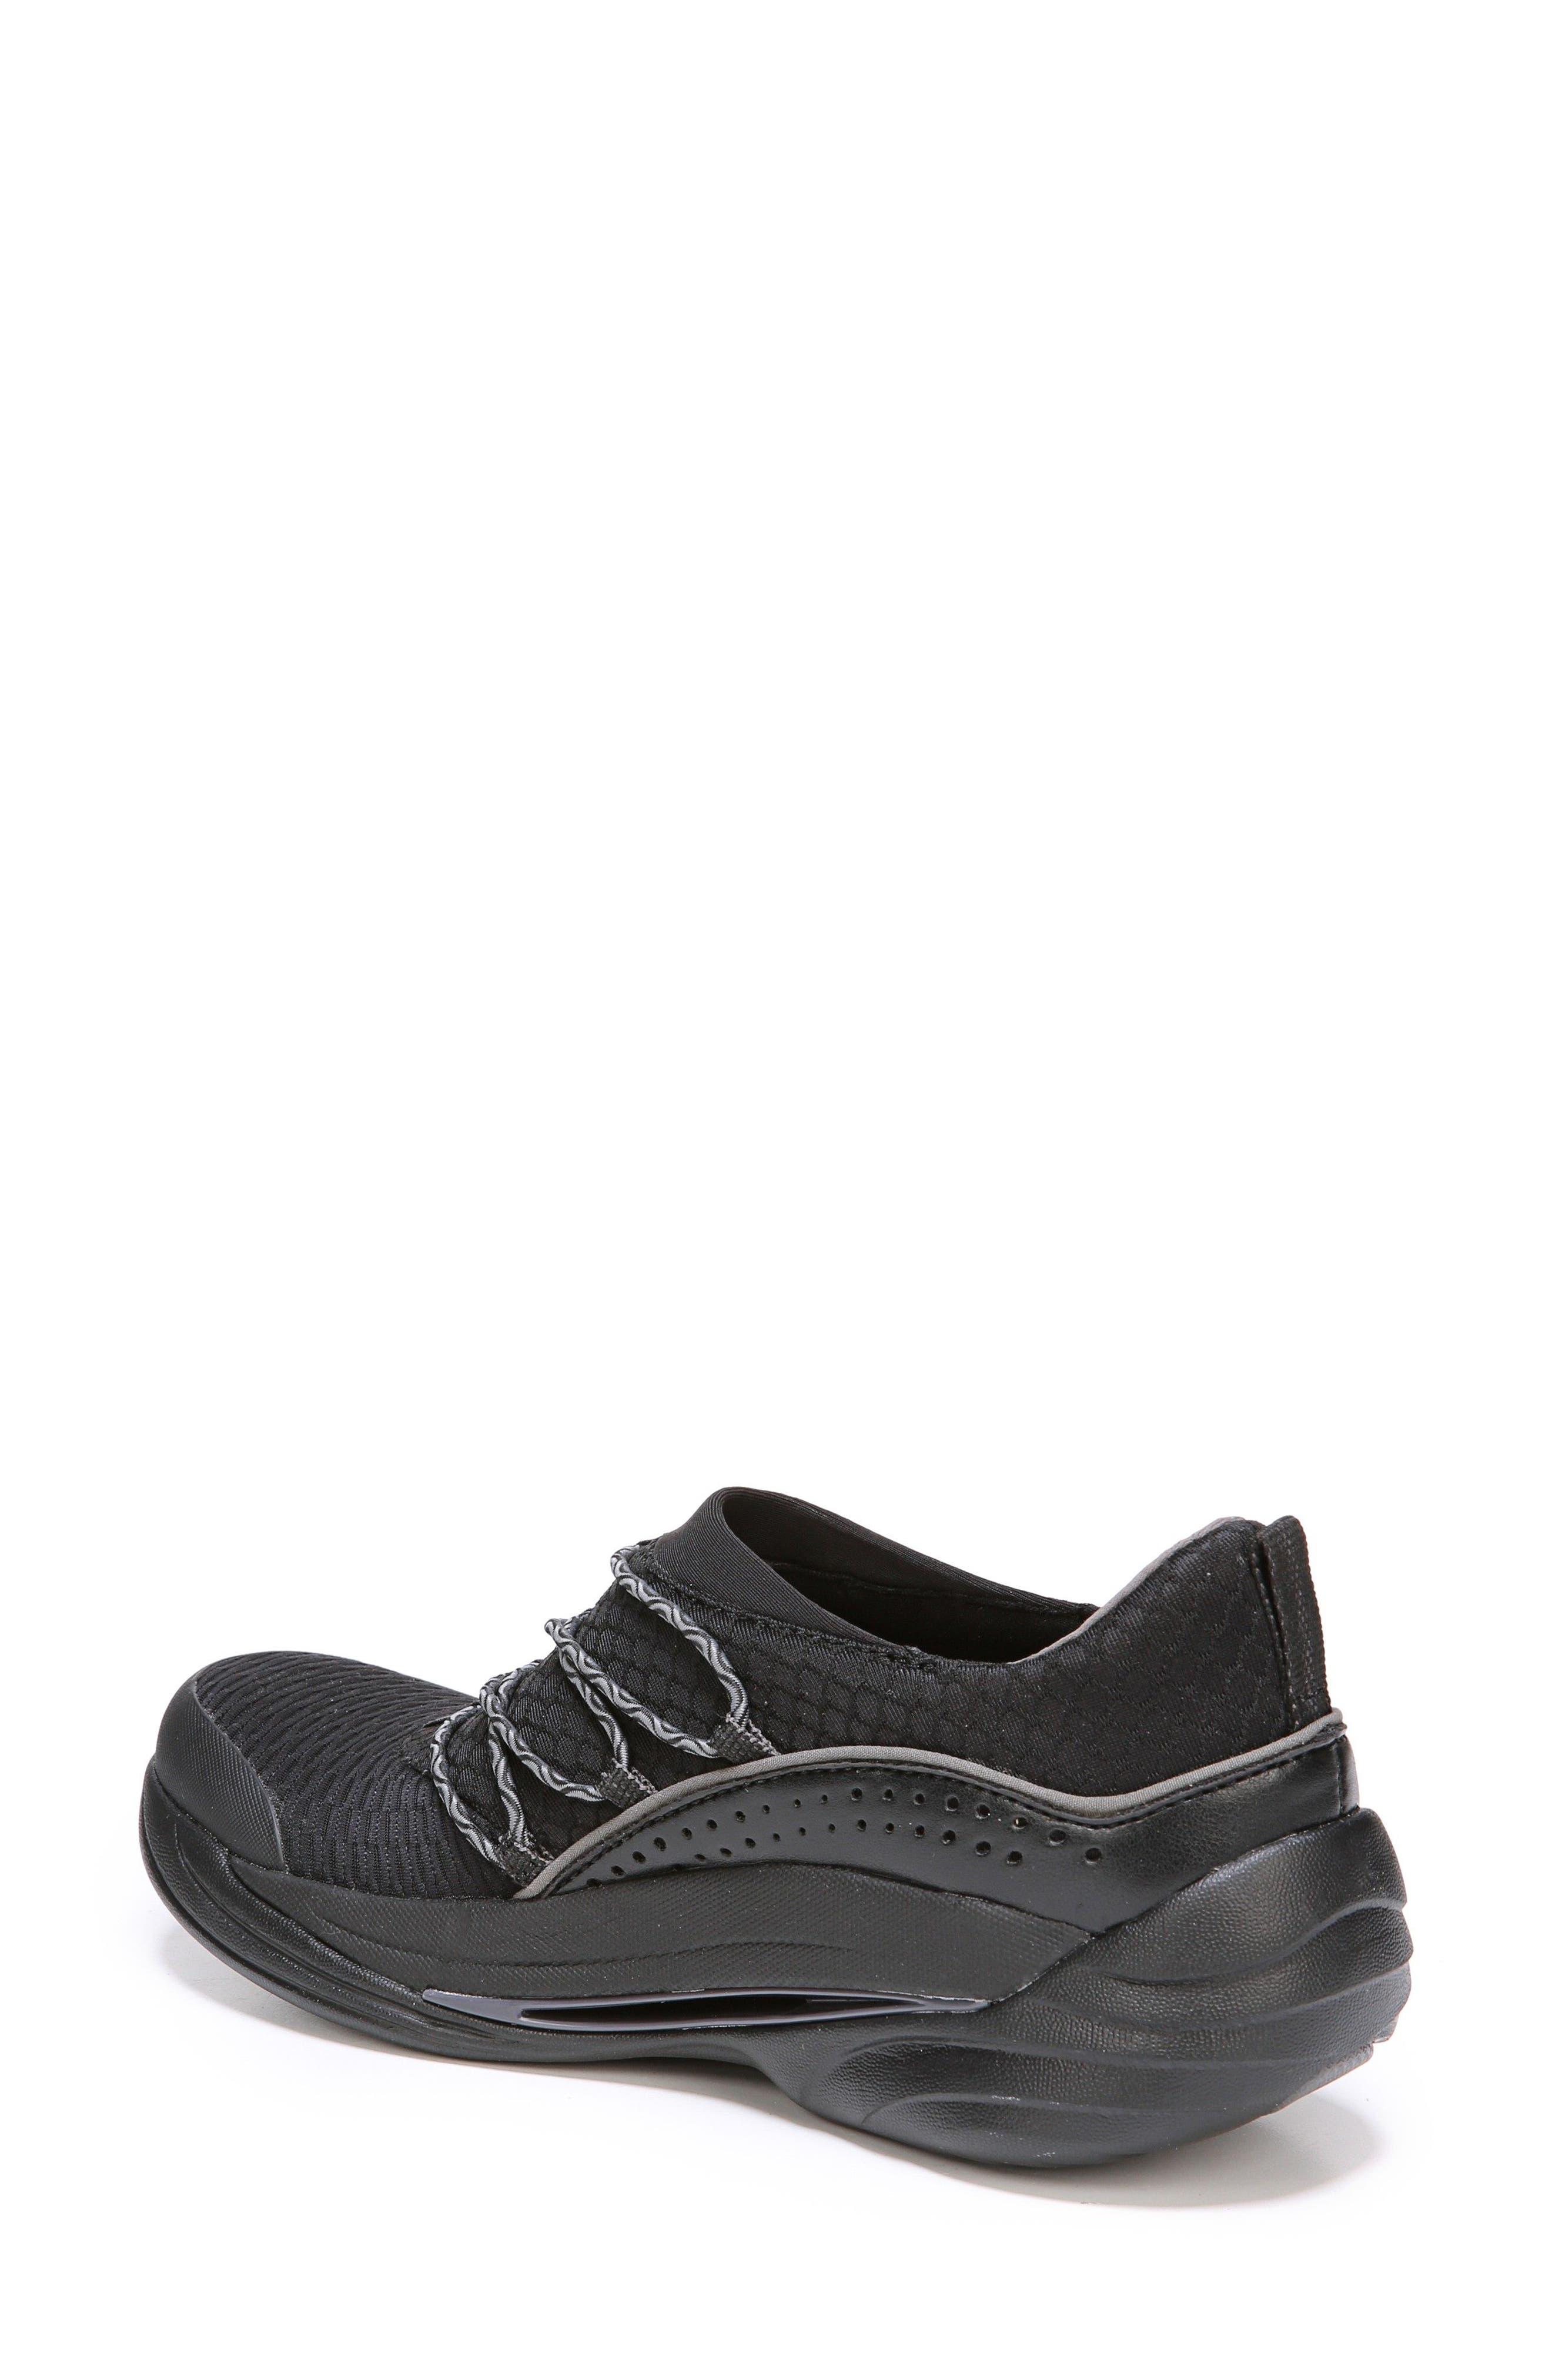 Pisces Slip-On Sneaker,                             Alternate thumbnail 2, color,                             Black